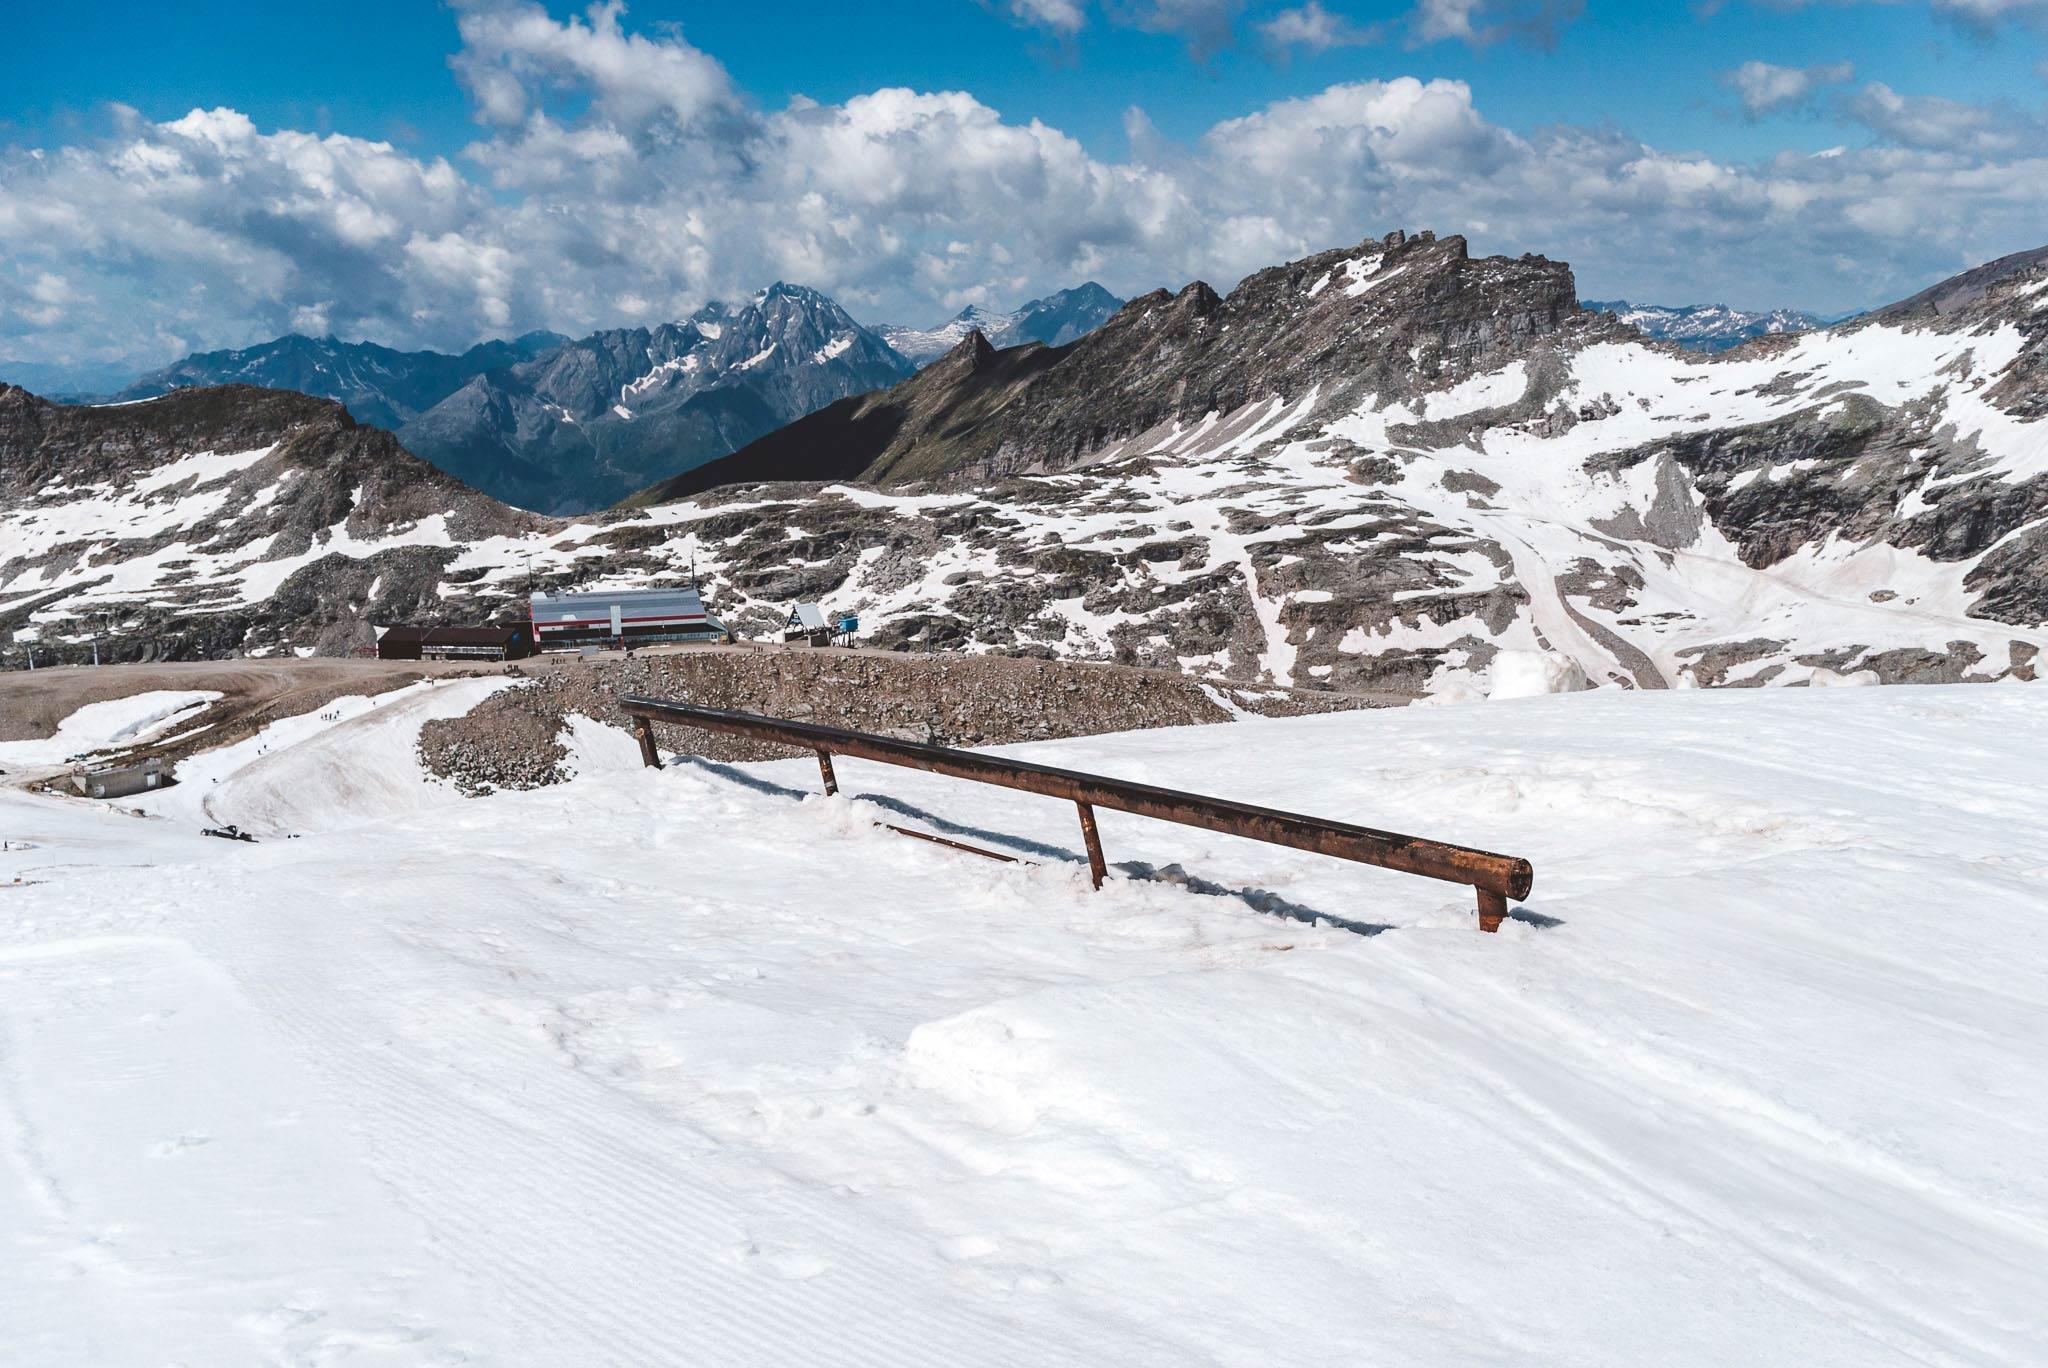 Das erste Feature im Park: Straight Rail.